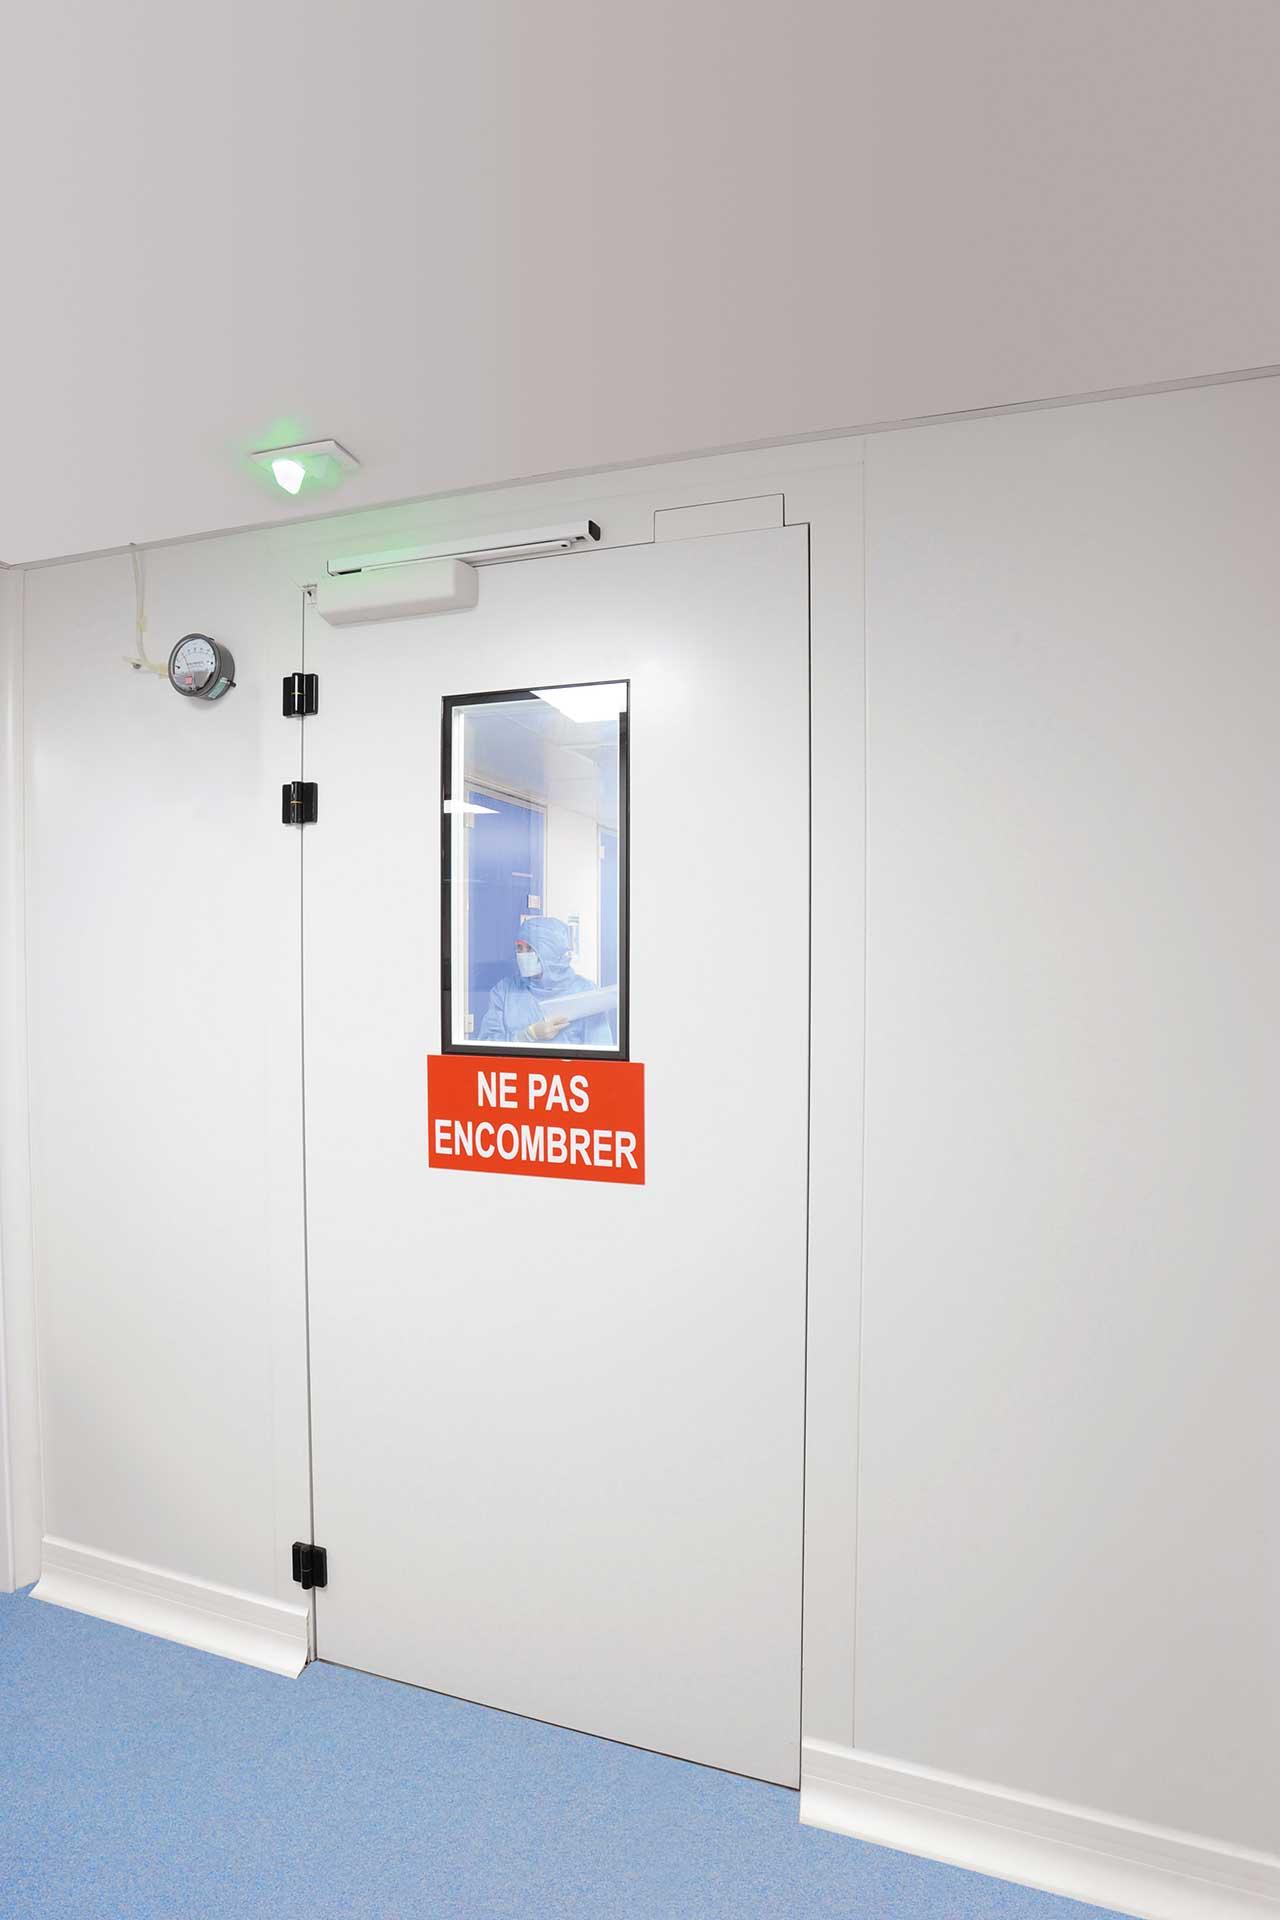 Salles propres bloc porte ouvrant vitrée